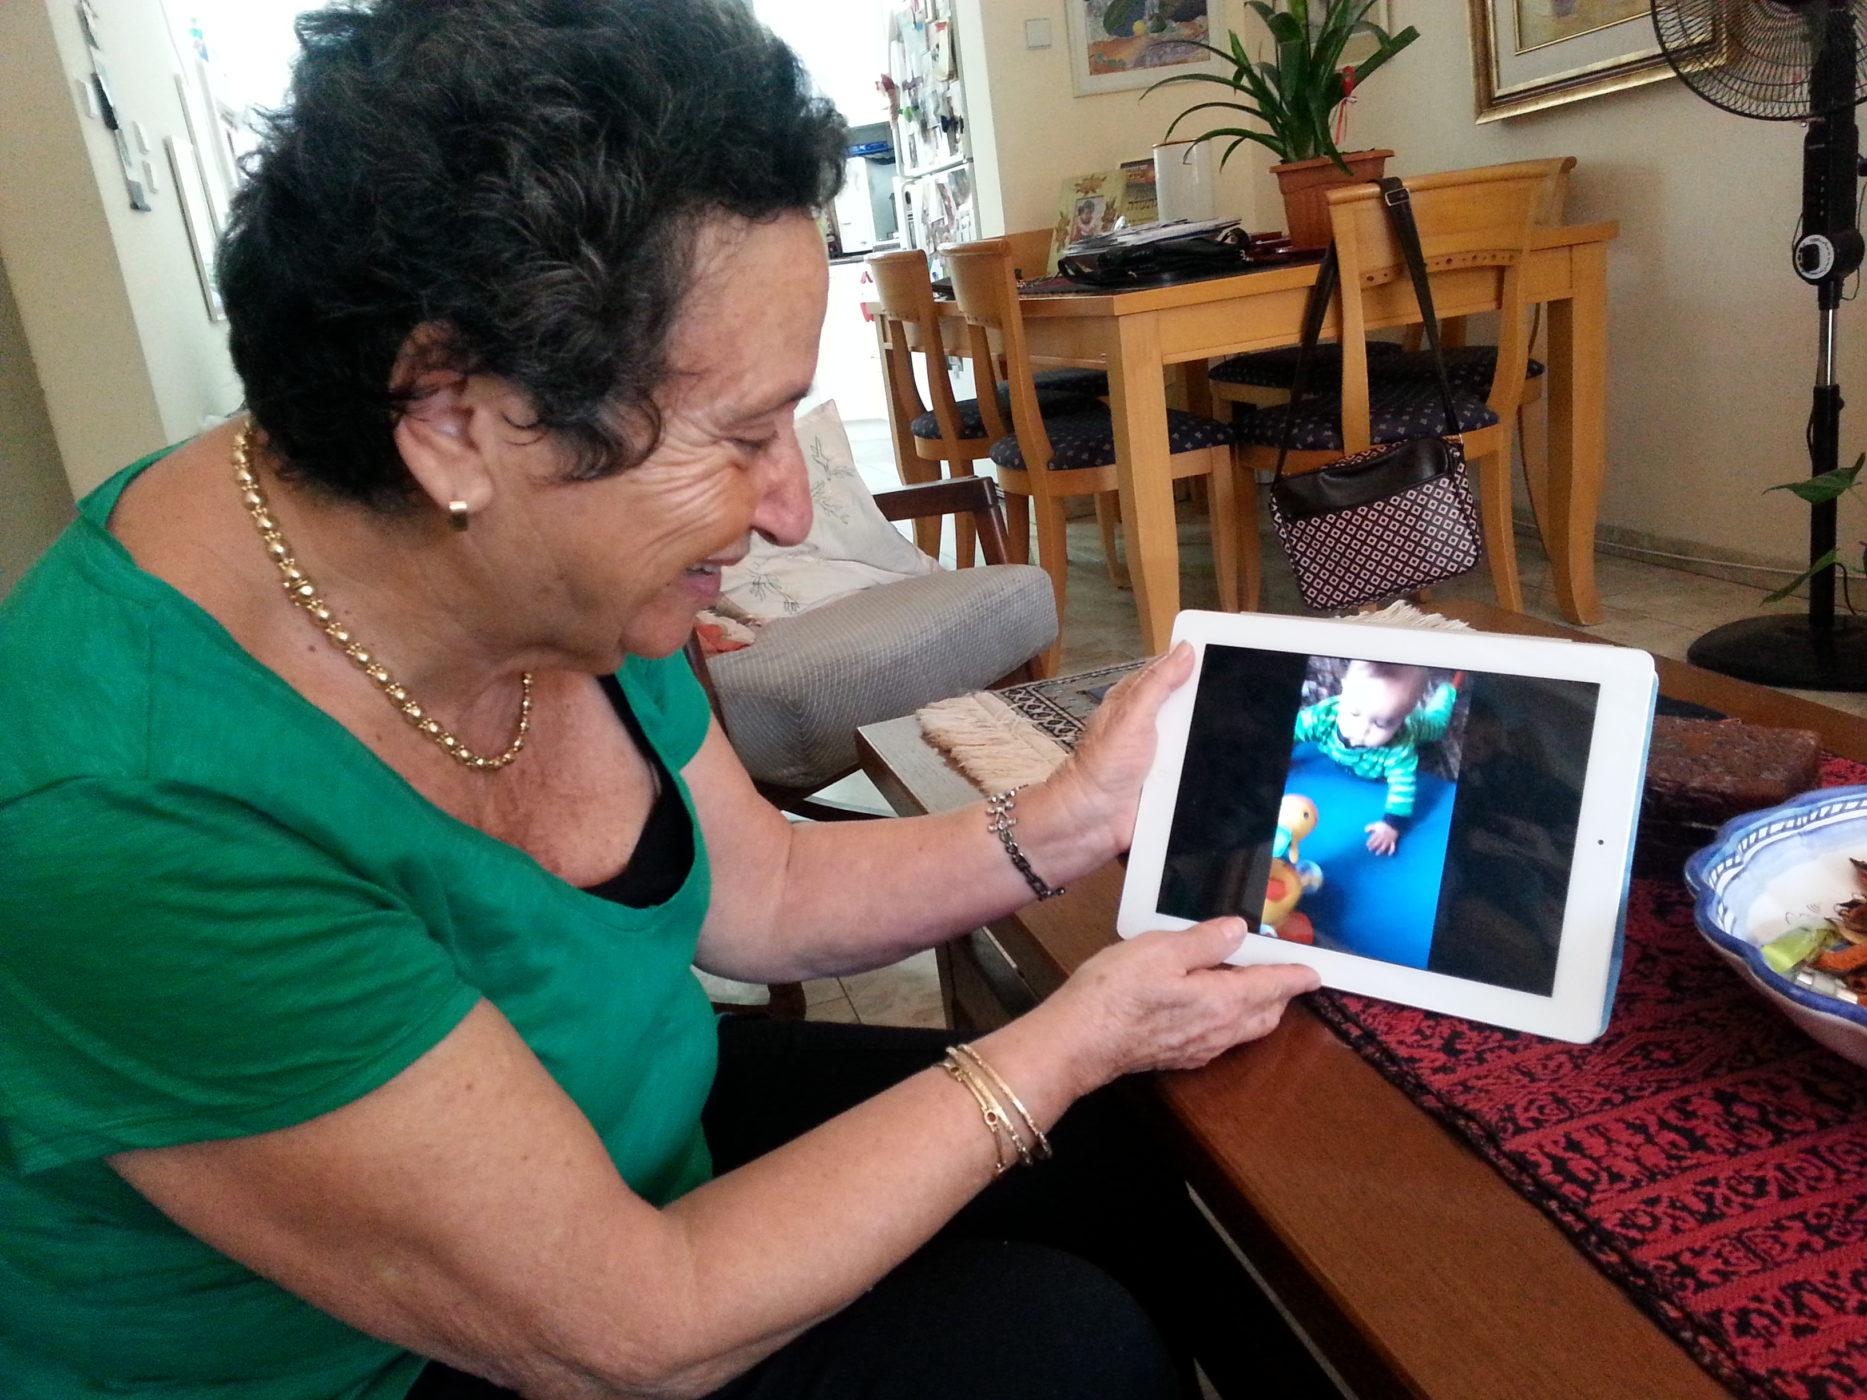 שם השולח: רינה דואק. החוויה האנושית בעידן הדיגיטלי, ובמיוחד עם הנינים שבארה